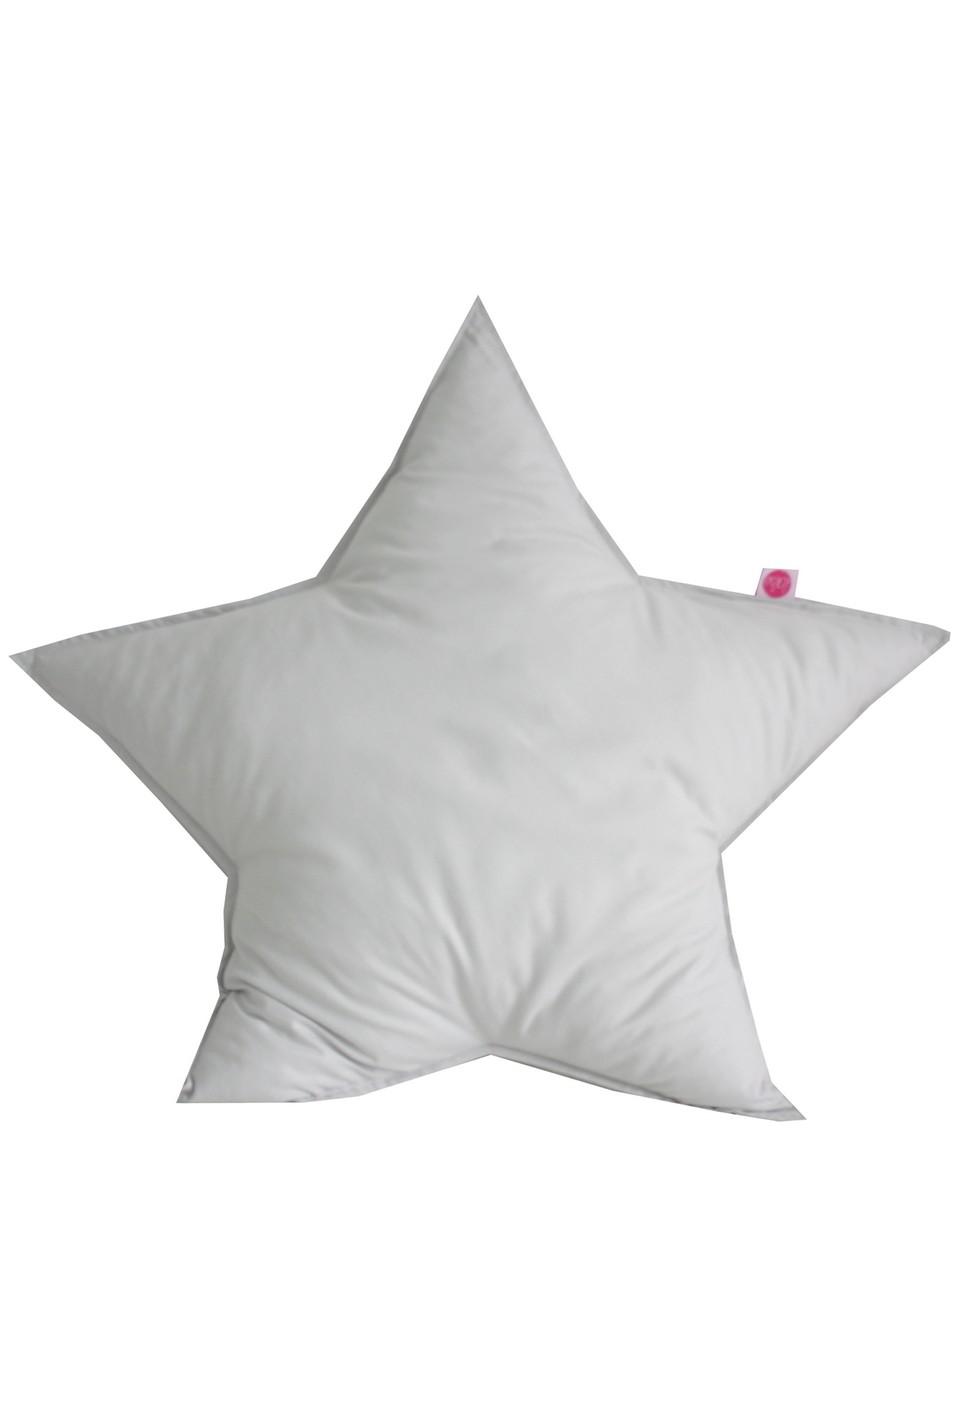 White Star Cotton Children's Cushion